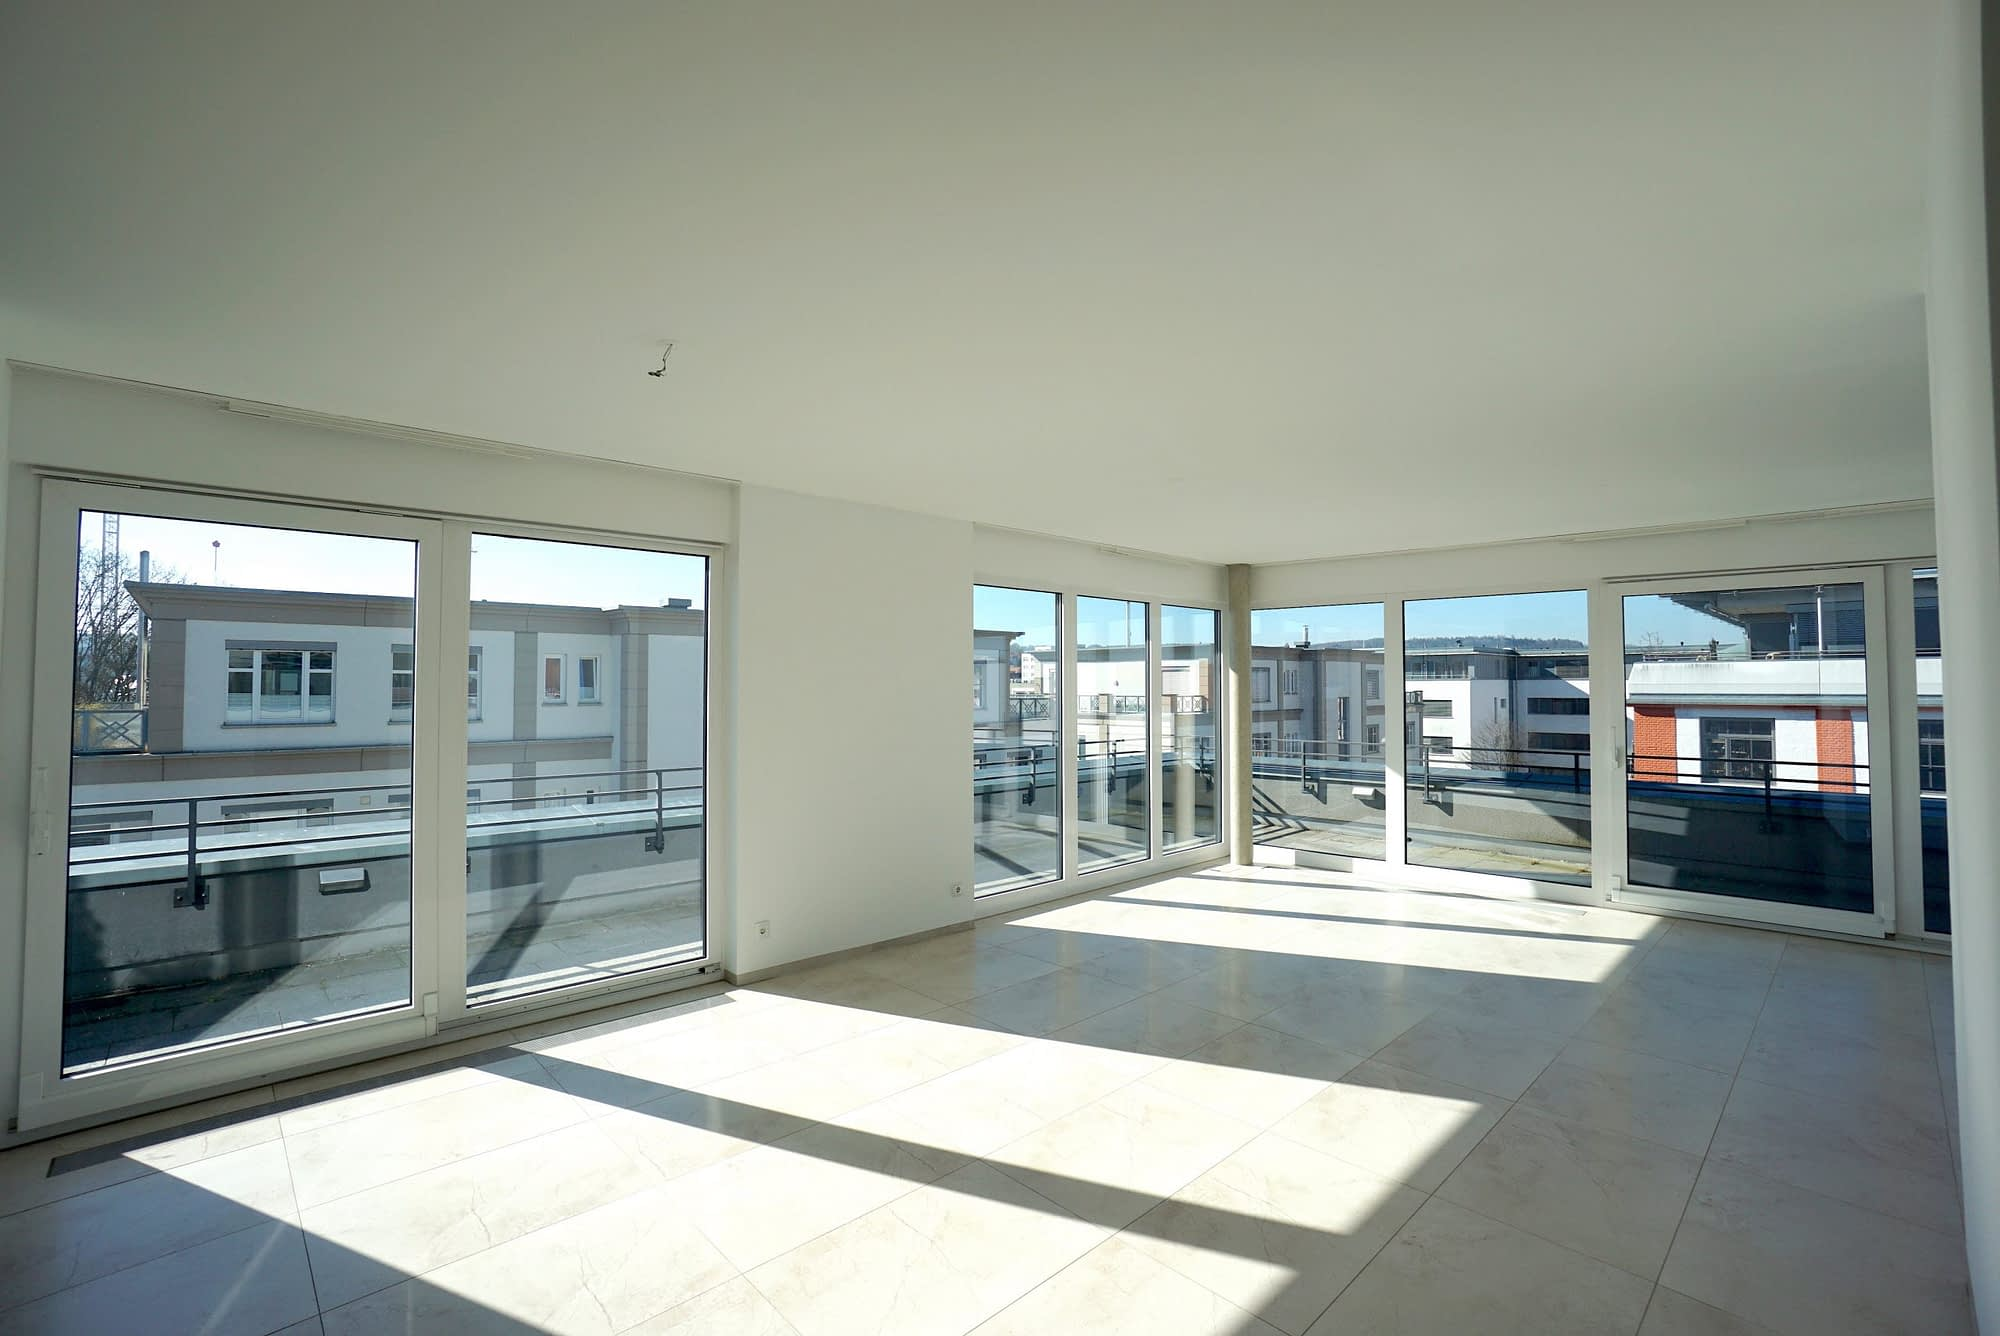 Verkauft - 4 Zimmer Penthouse Wohnung in der Ulmer Weststadt